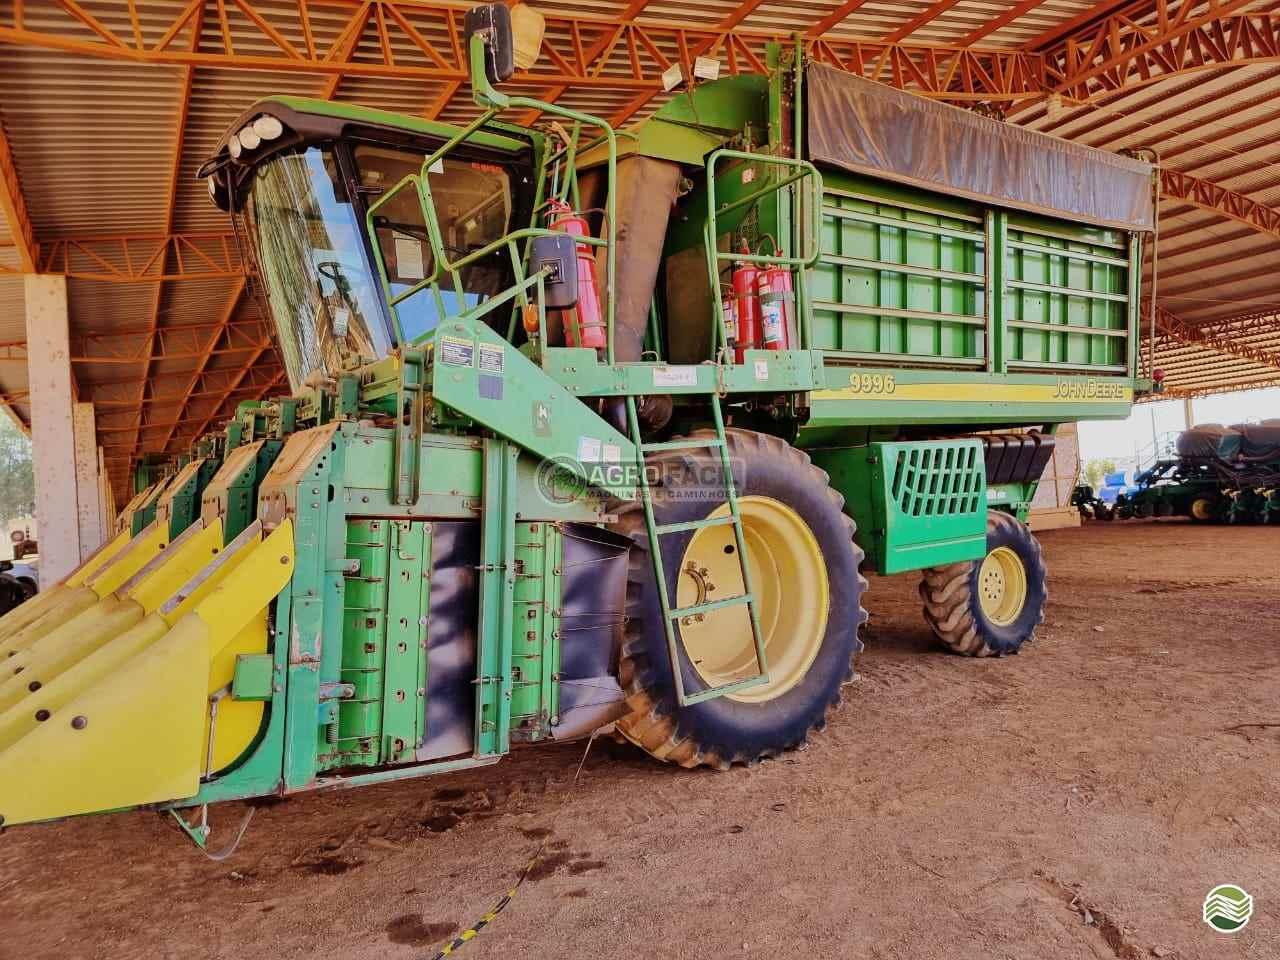 COLHEITADEIRA JOHN DEERE JOHN DEERE ALG. 9996 Agro Fácil Máquinas PRIMAVERA DO LESTE MATO GROSSO MT